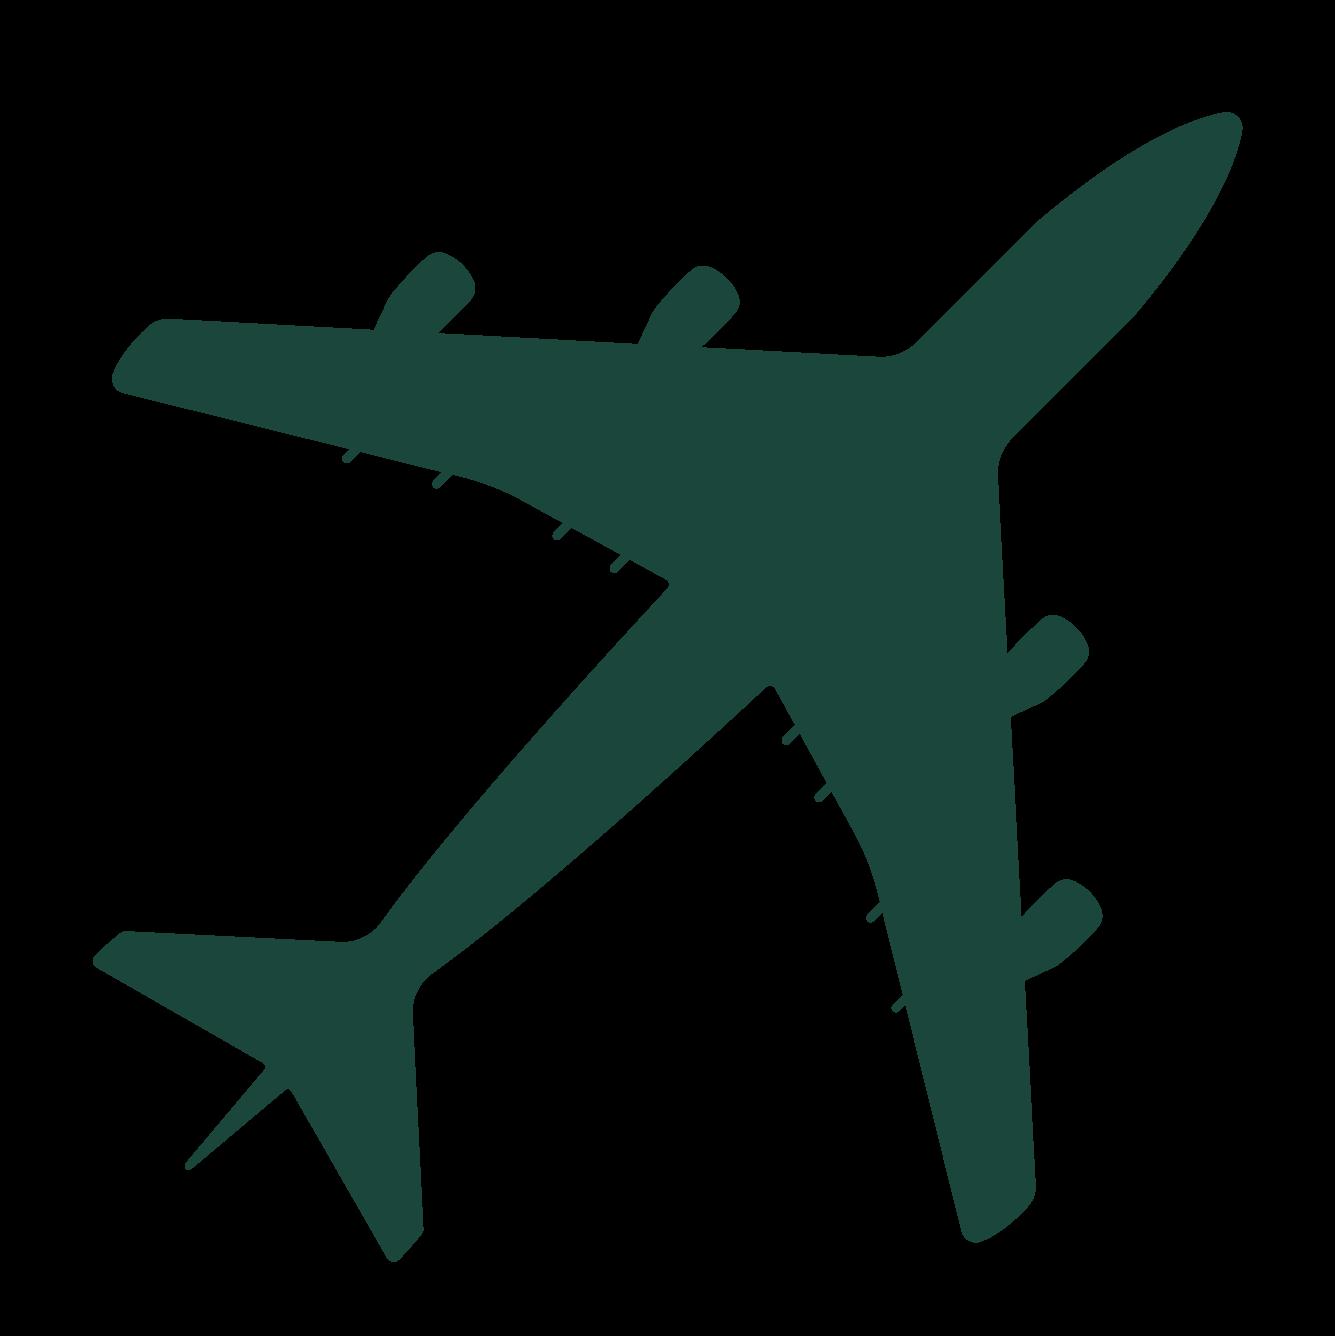 Sea Freight Icon